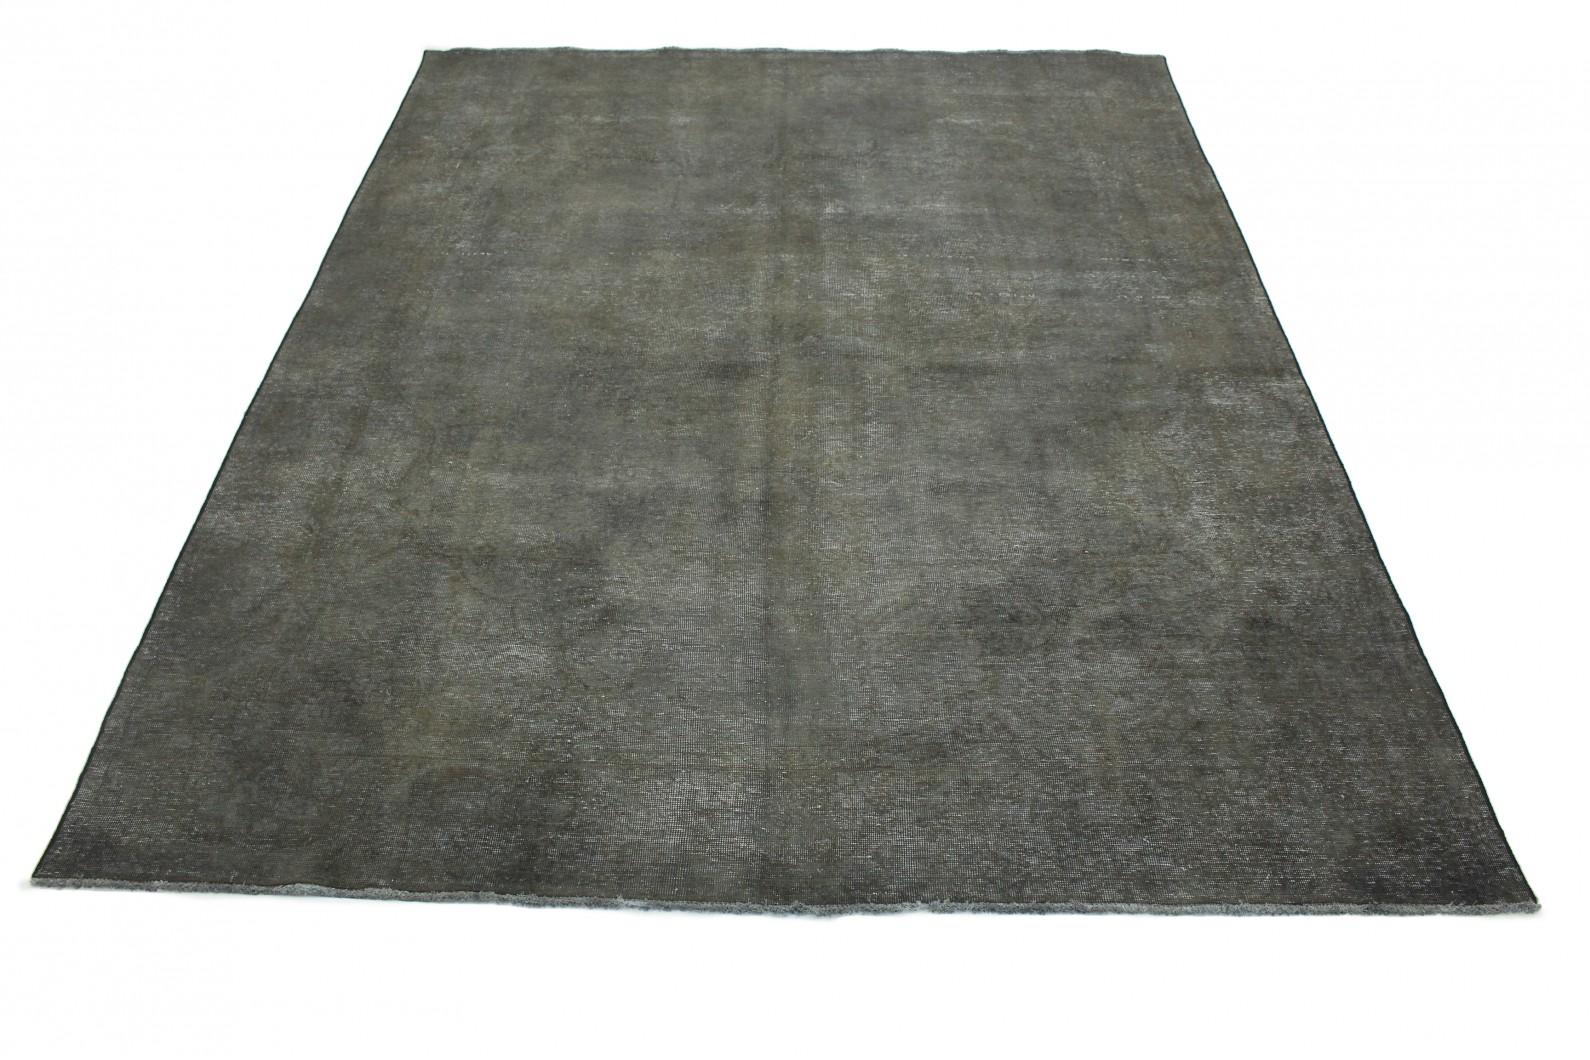 Vintage Teppich Grau in 380x280 (1 / 4)